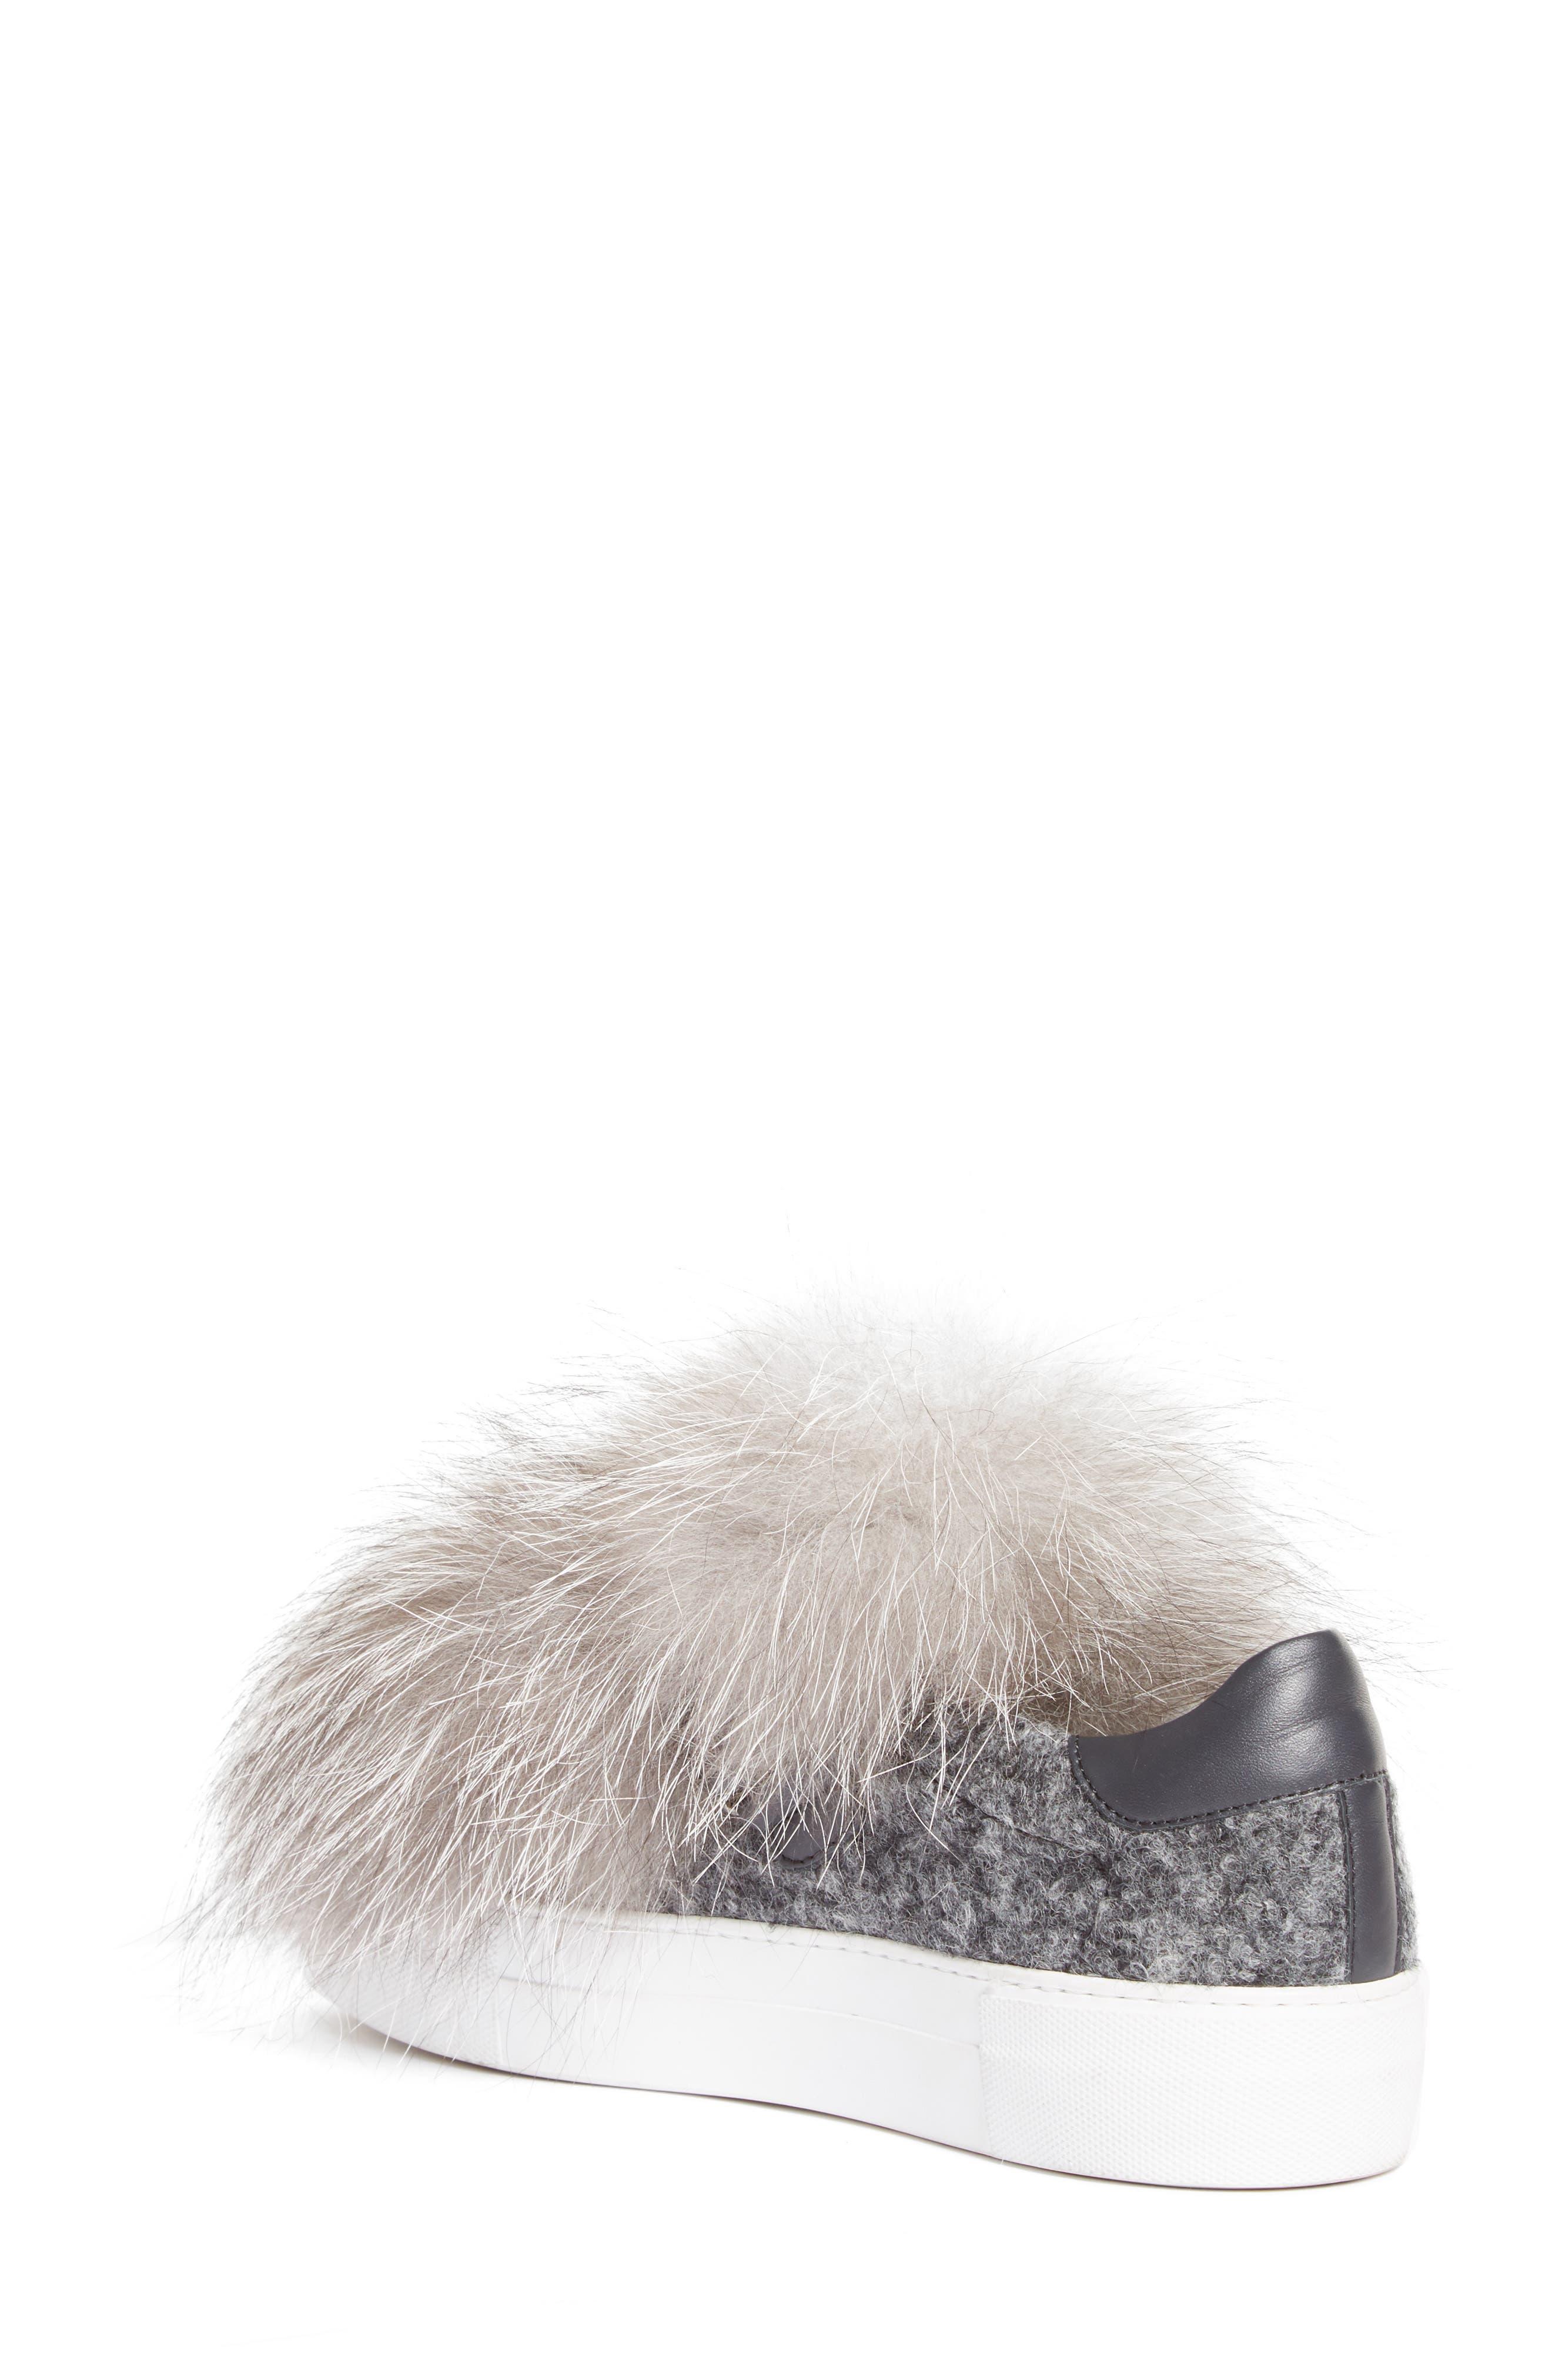 Victoire Genuine Fox Fur Slip-On Sneaker,                             Alternate thumbnail 2, color,                             020